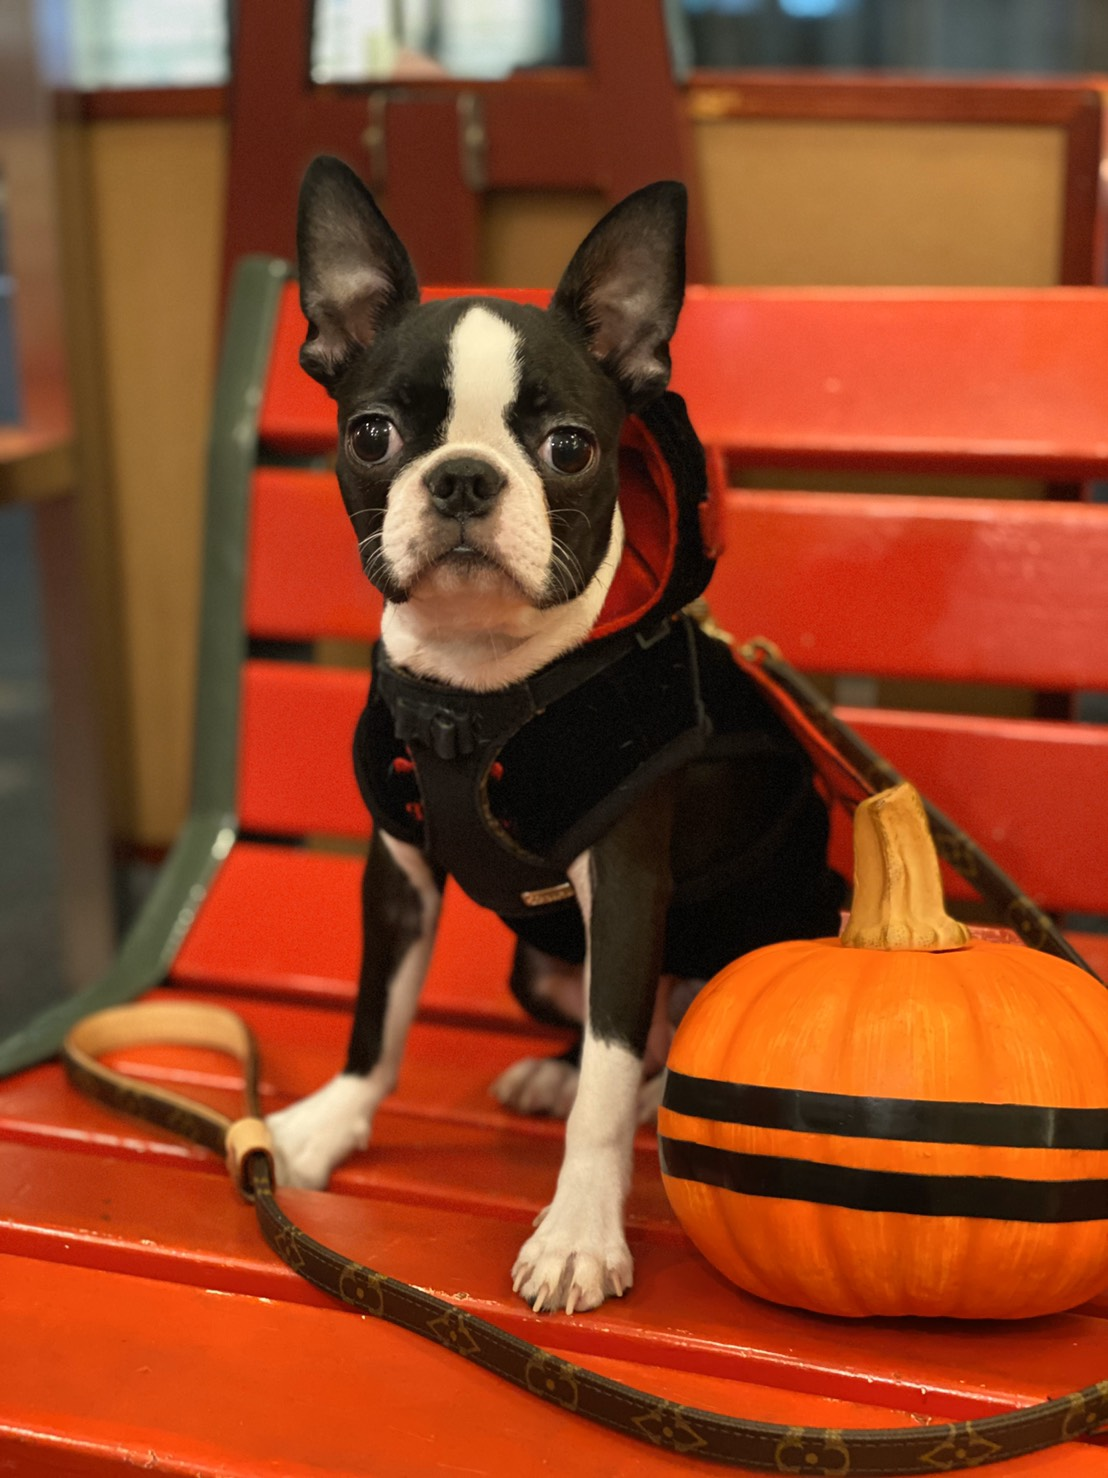 【今日のわんこ】ハロウィン仮装したへちまちゃん♡ お菓子をもらいにさあ行くぞ_1